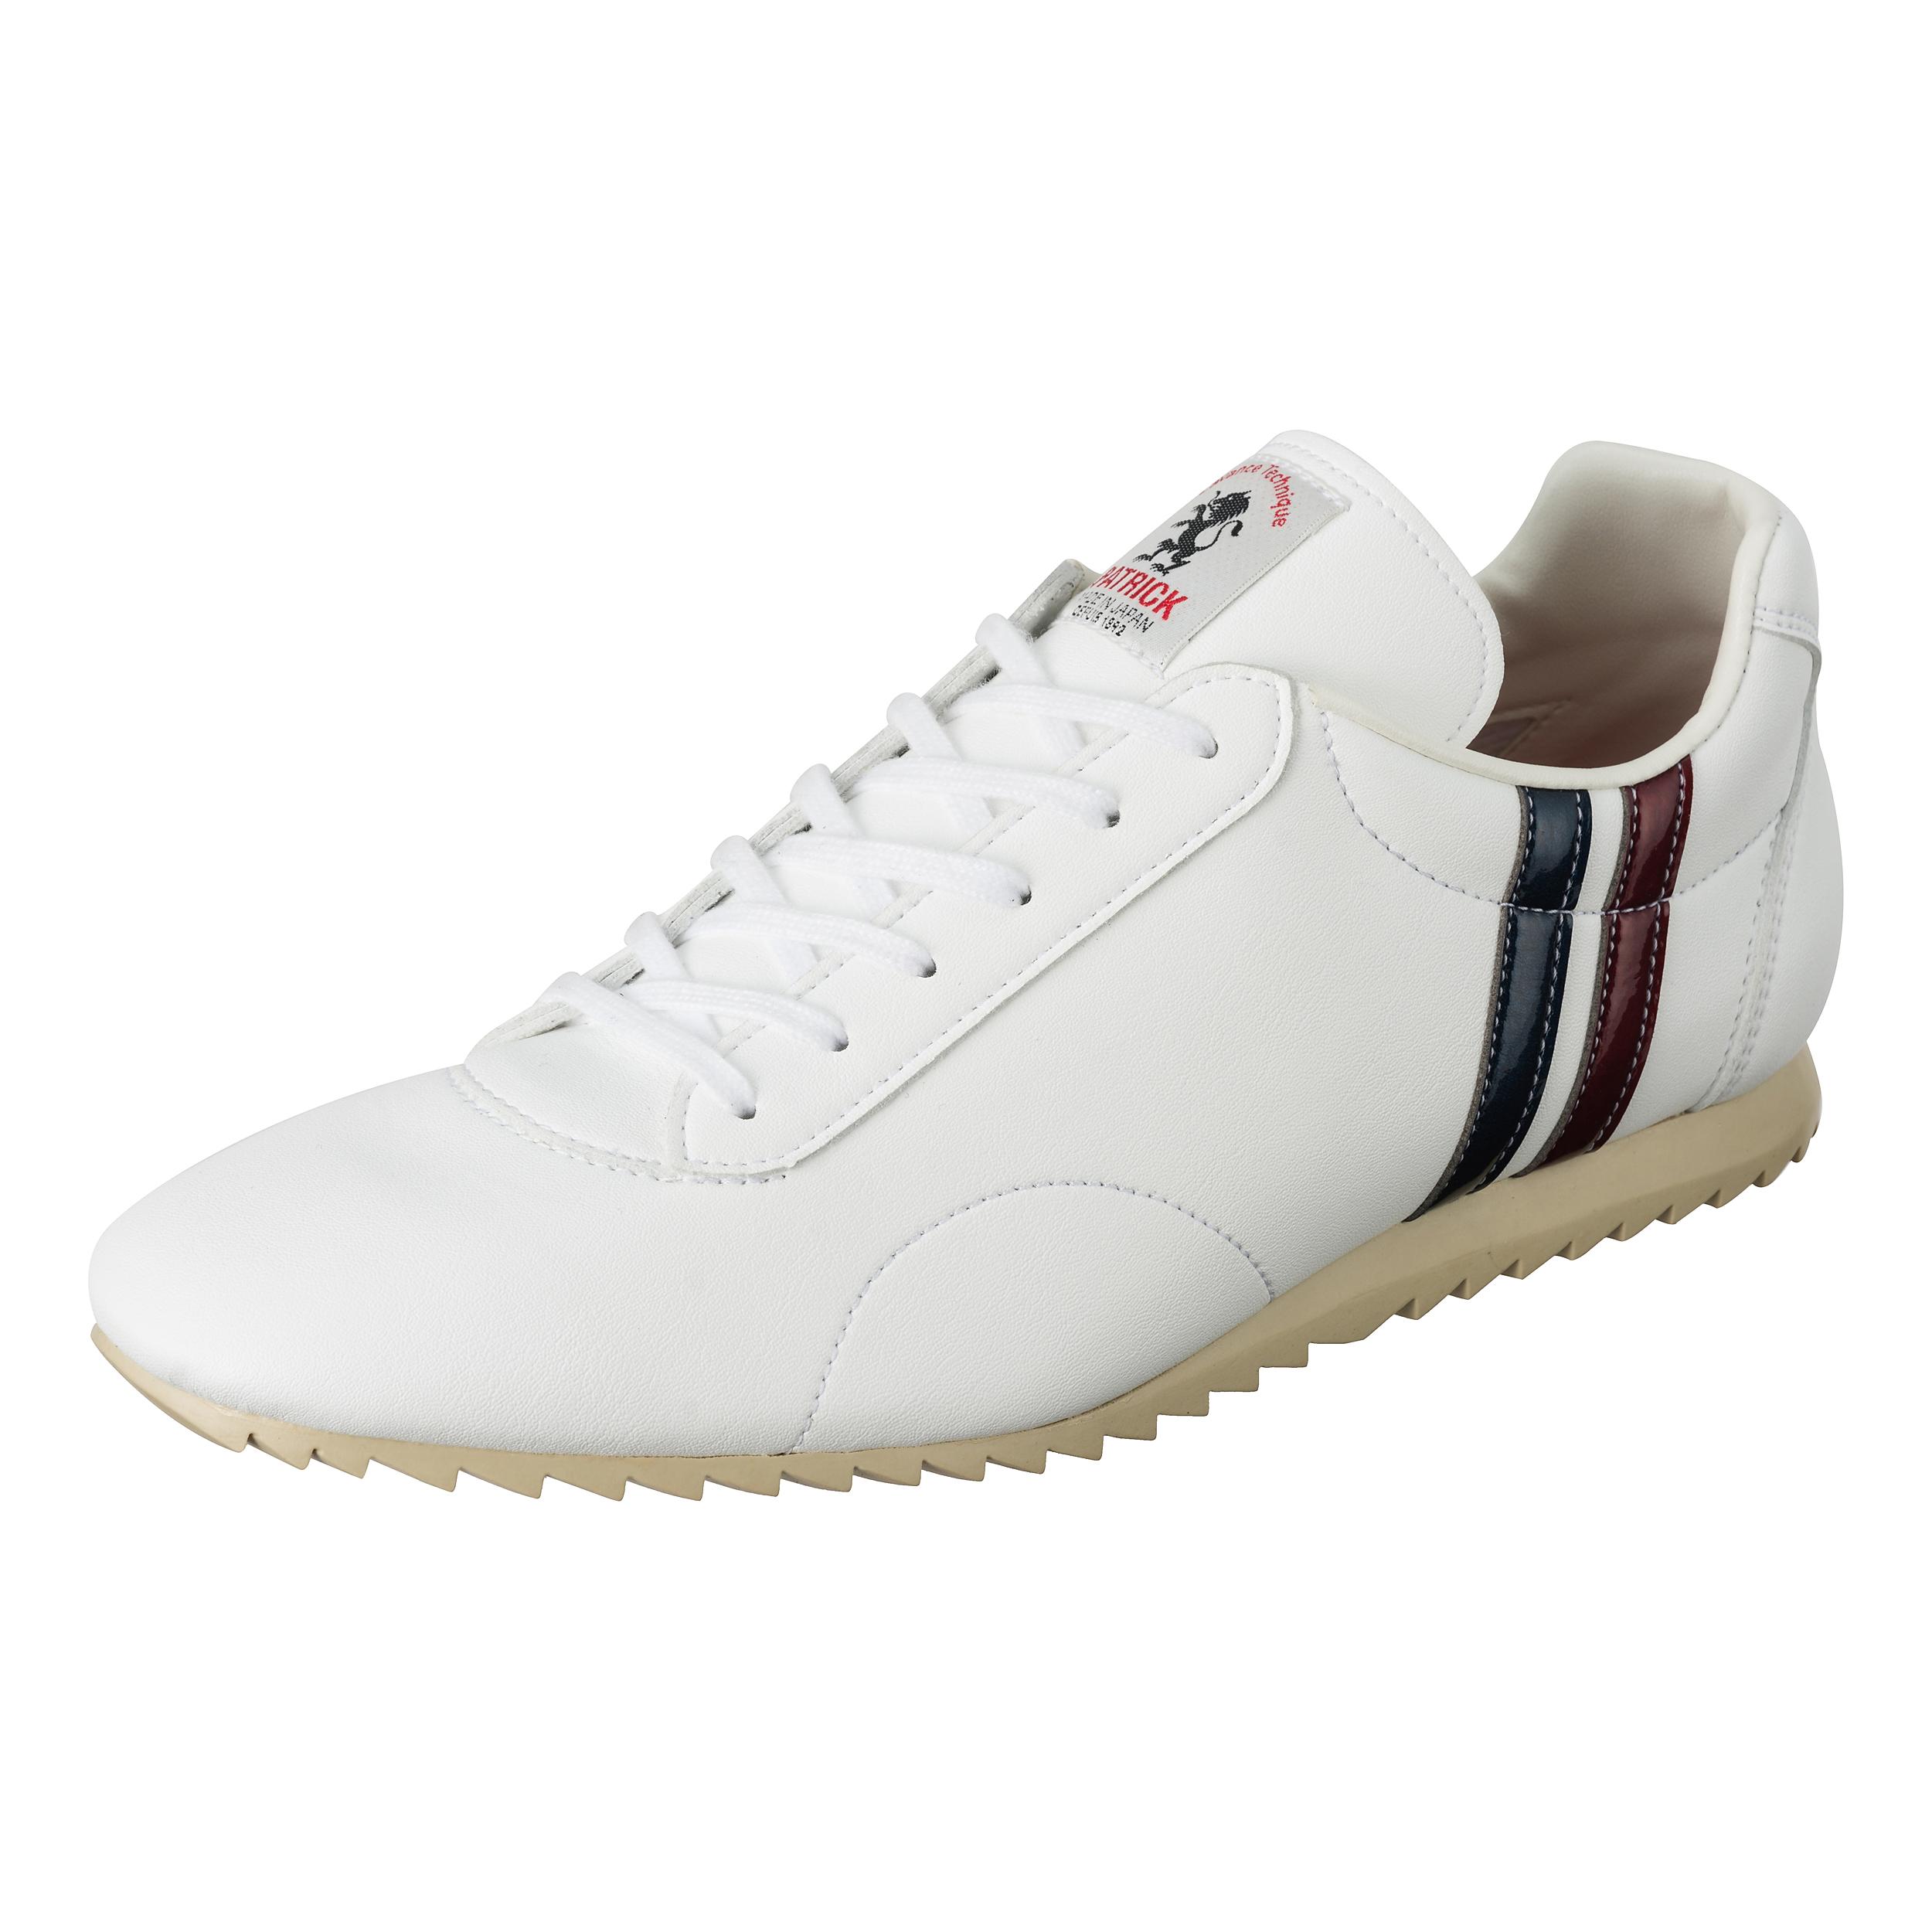 夏こそオススメという「フレンチスニーカー」ってどんな靴?